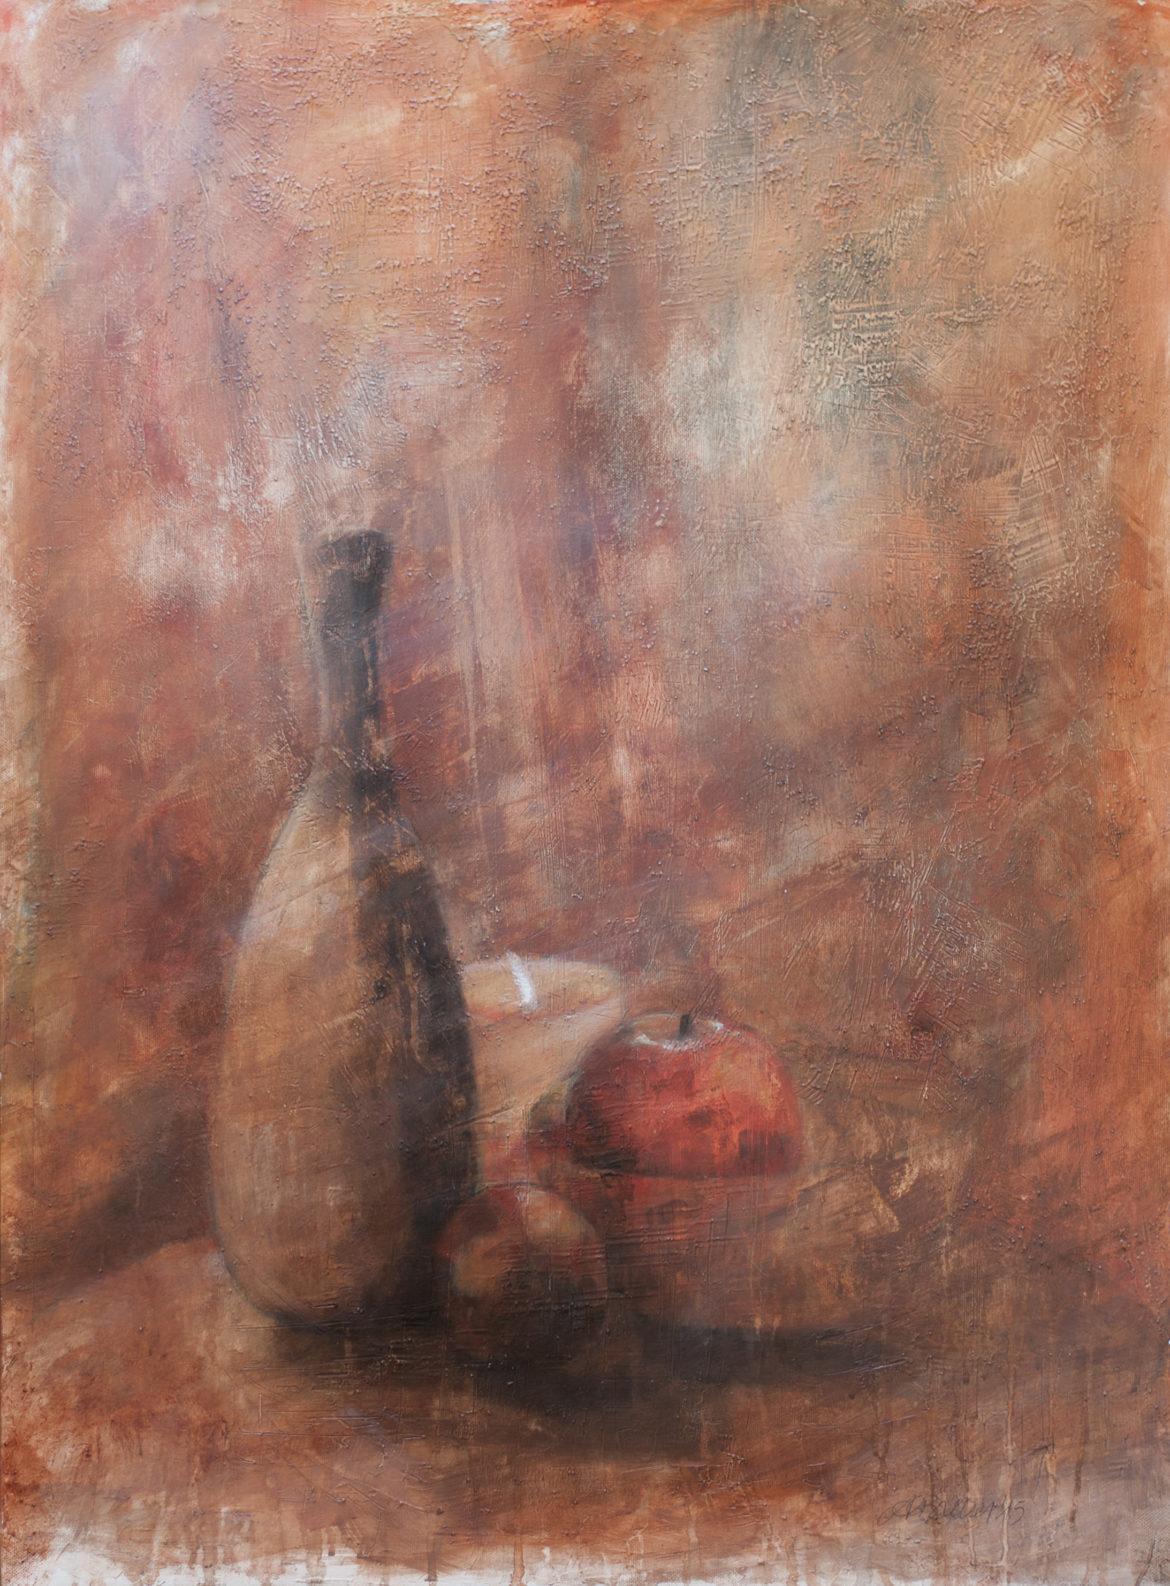 Lume di candela olio su gesso e sabbia 59x80cm 2015 dpi